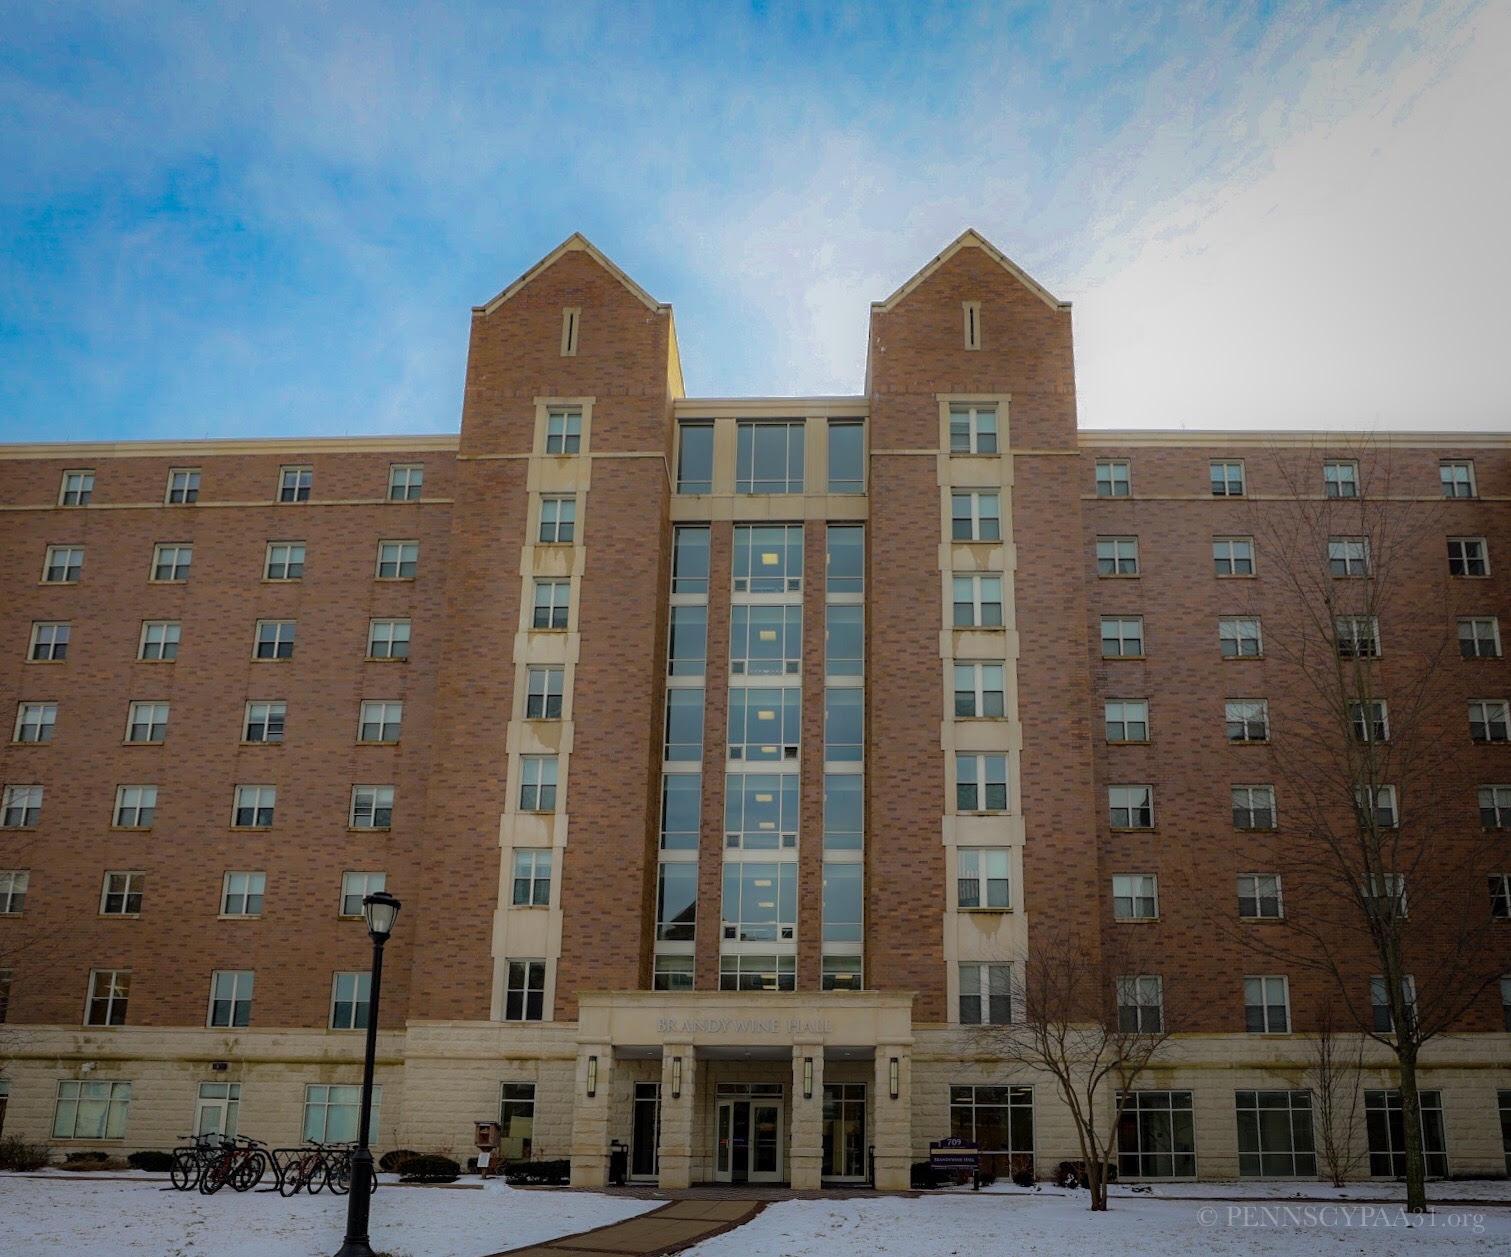 Brandywine Hall, outside the dorms for PENNSCYPAA 31